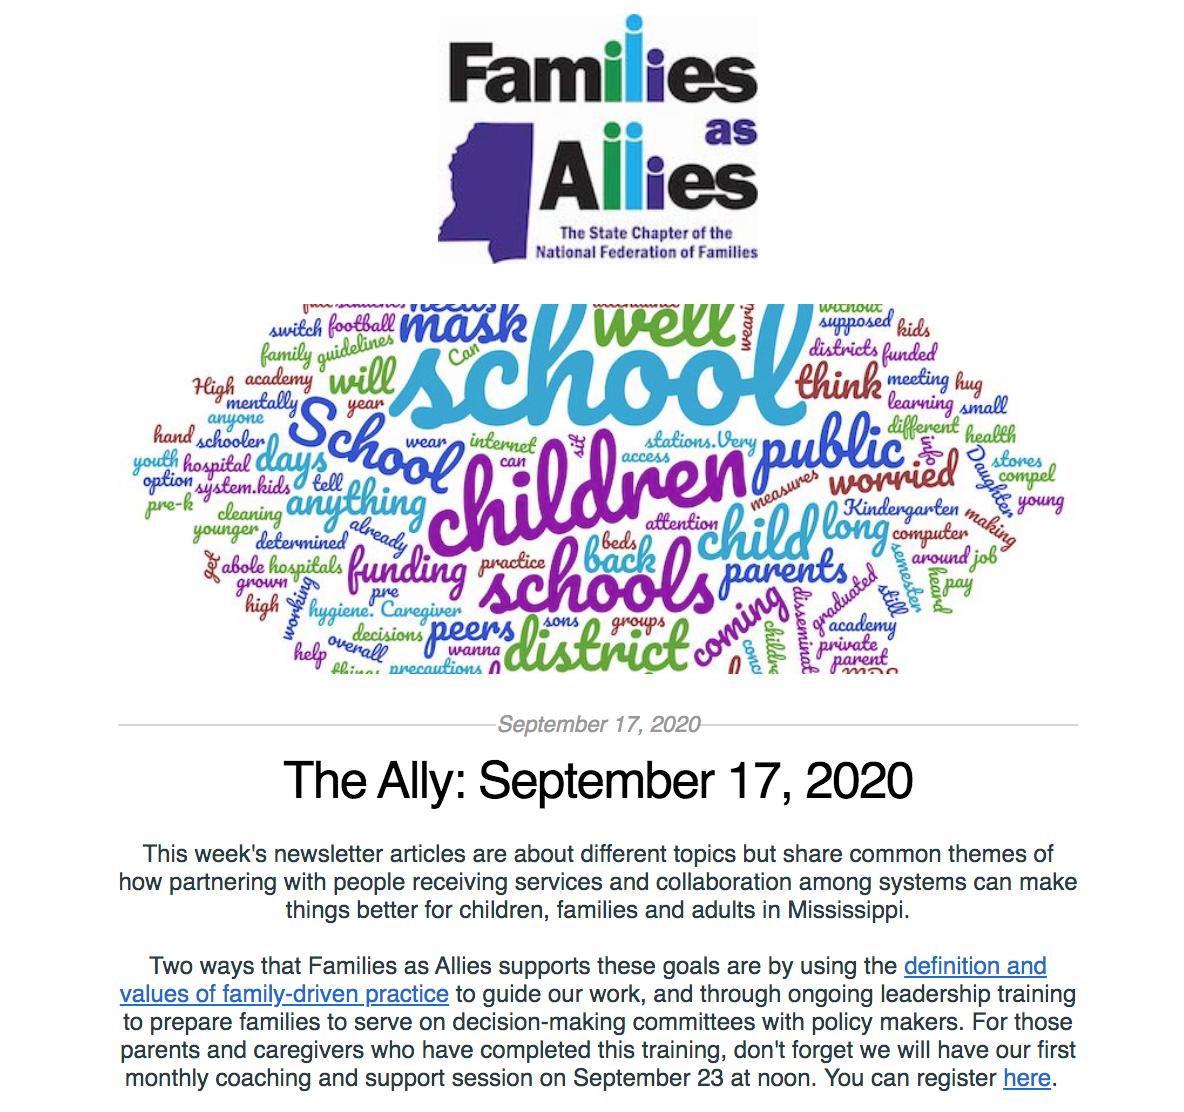 The Ally: September 17, 2020